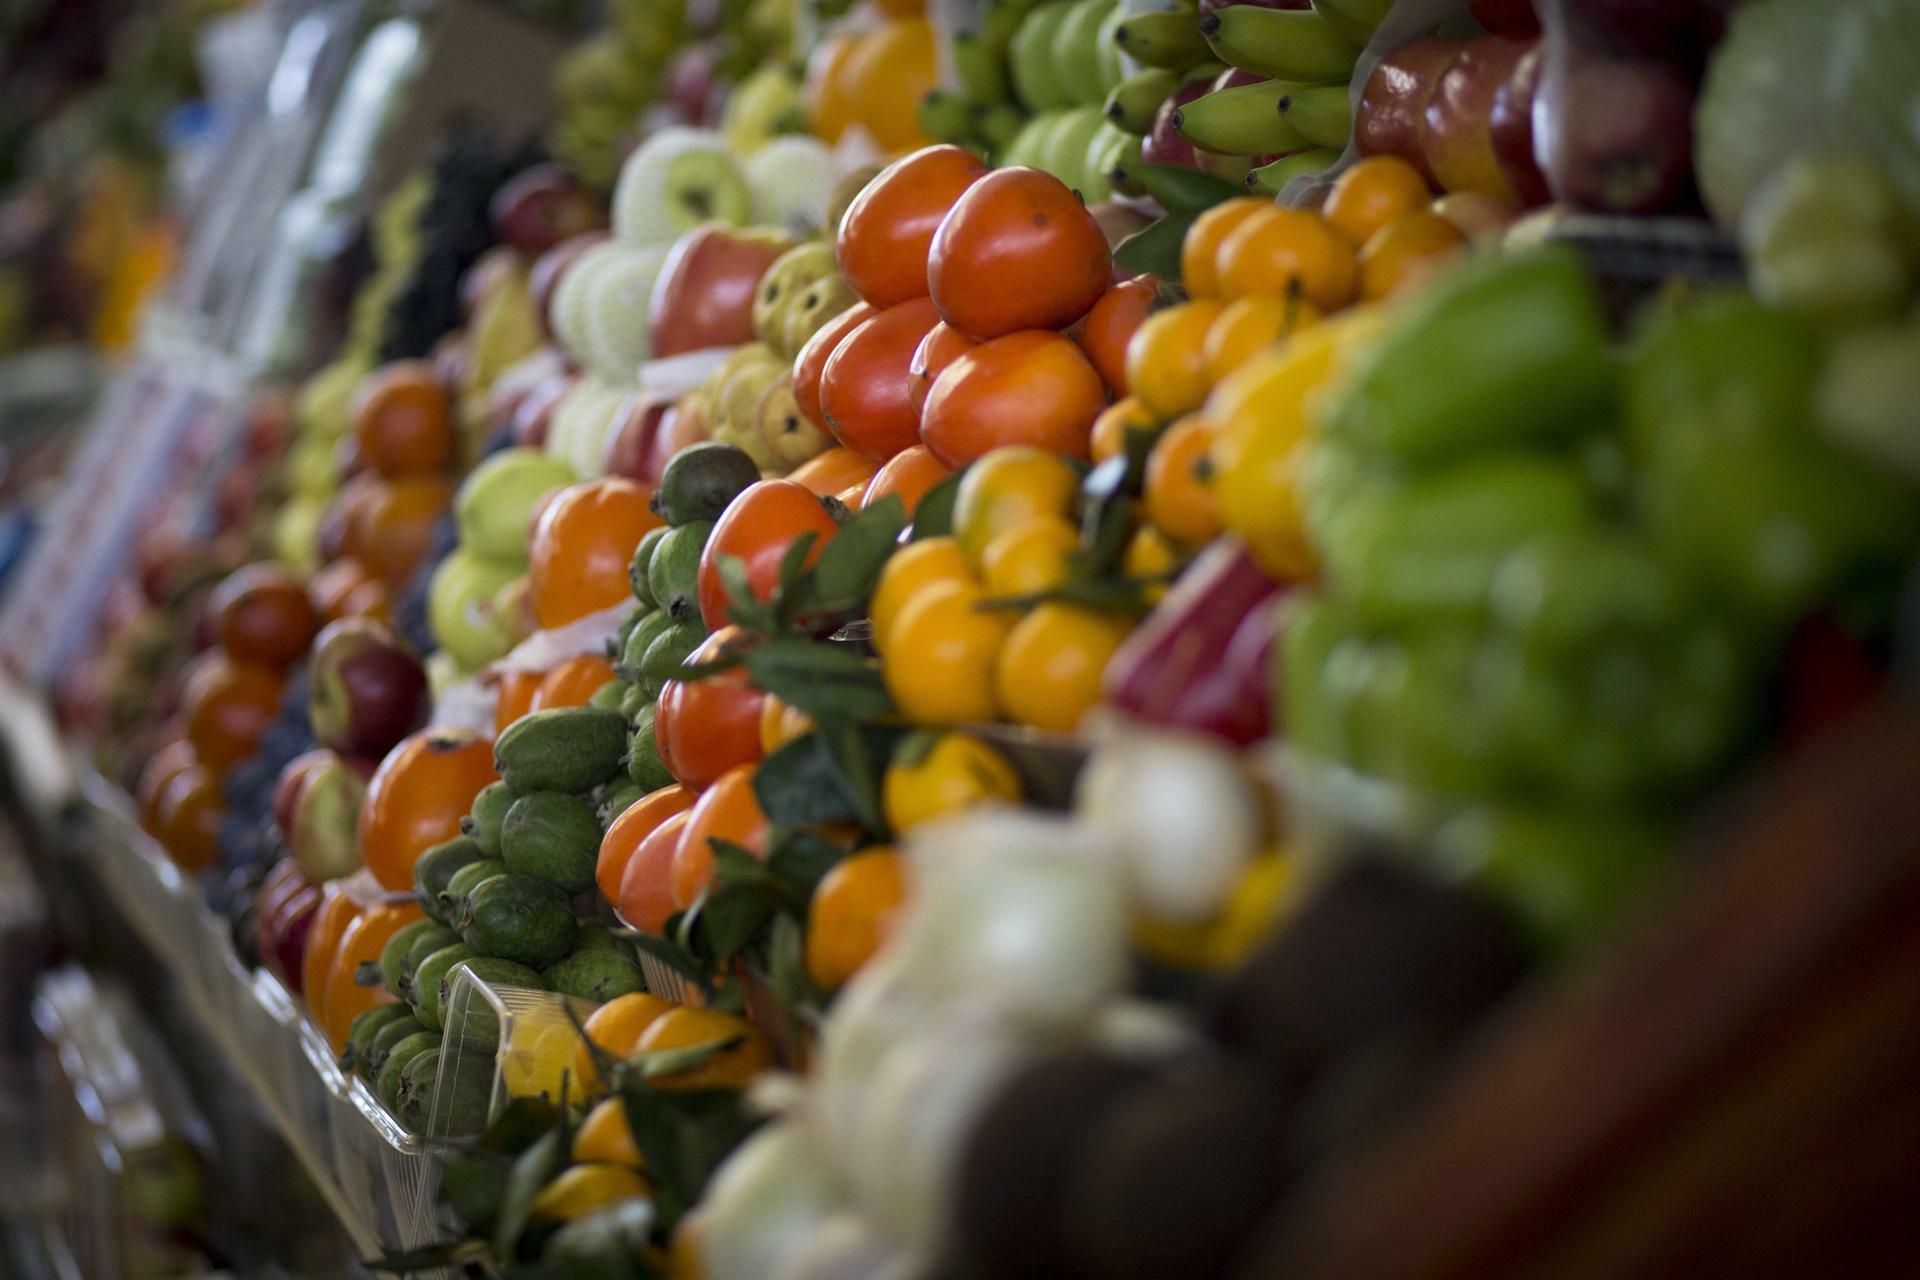 Obst und Gemüse aus der Türkei sollen nach dem Willen der Regierung in Russland bald nicht mehr zu haben sein. Die Sanktionen könnten am 1. Januar in Kraft treten. Quelle: ap